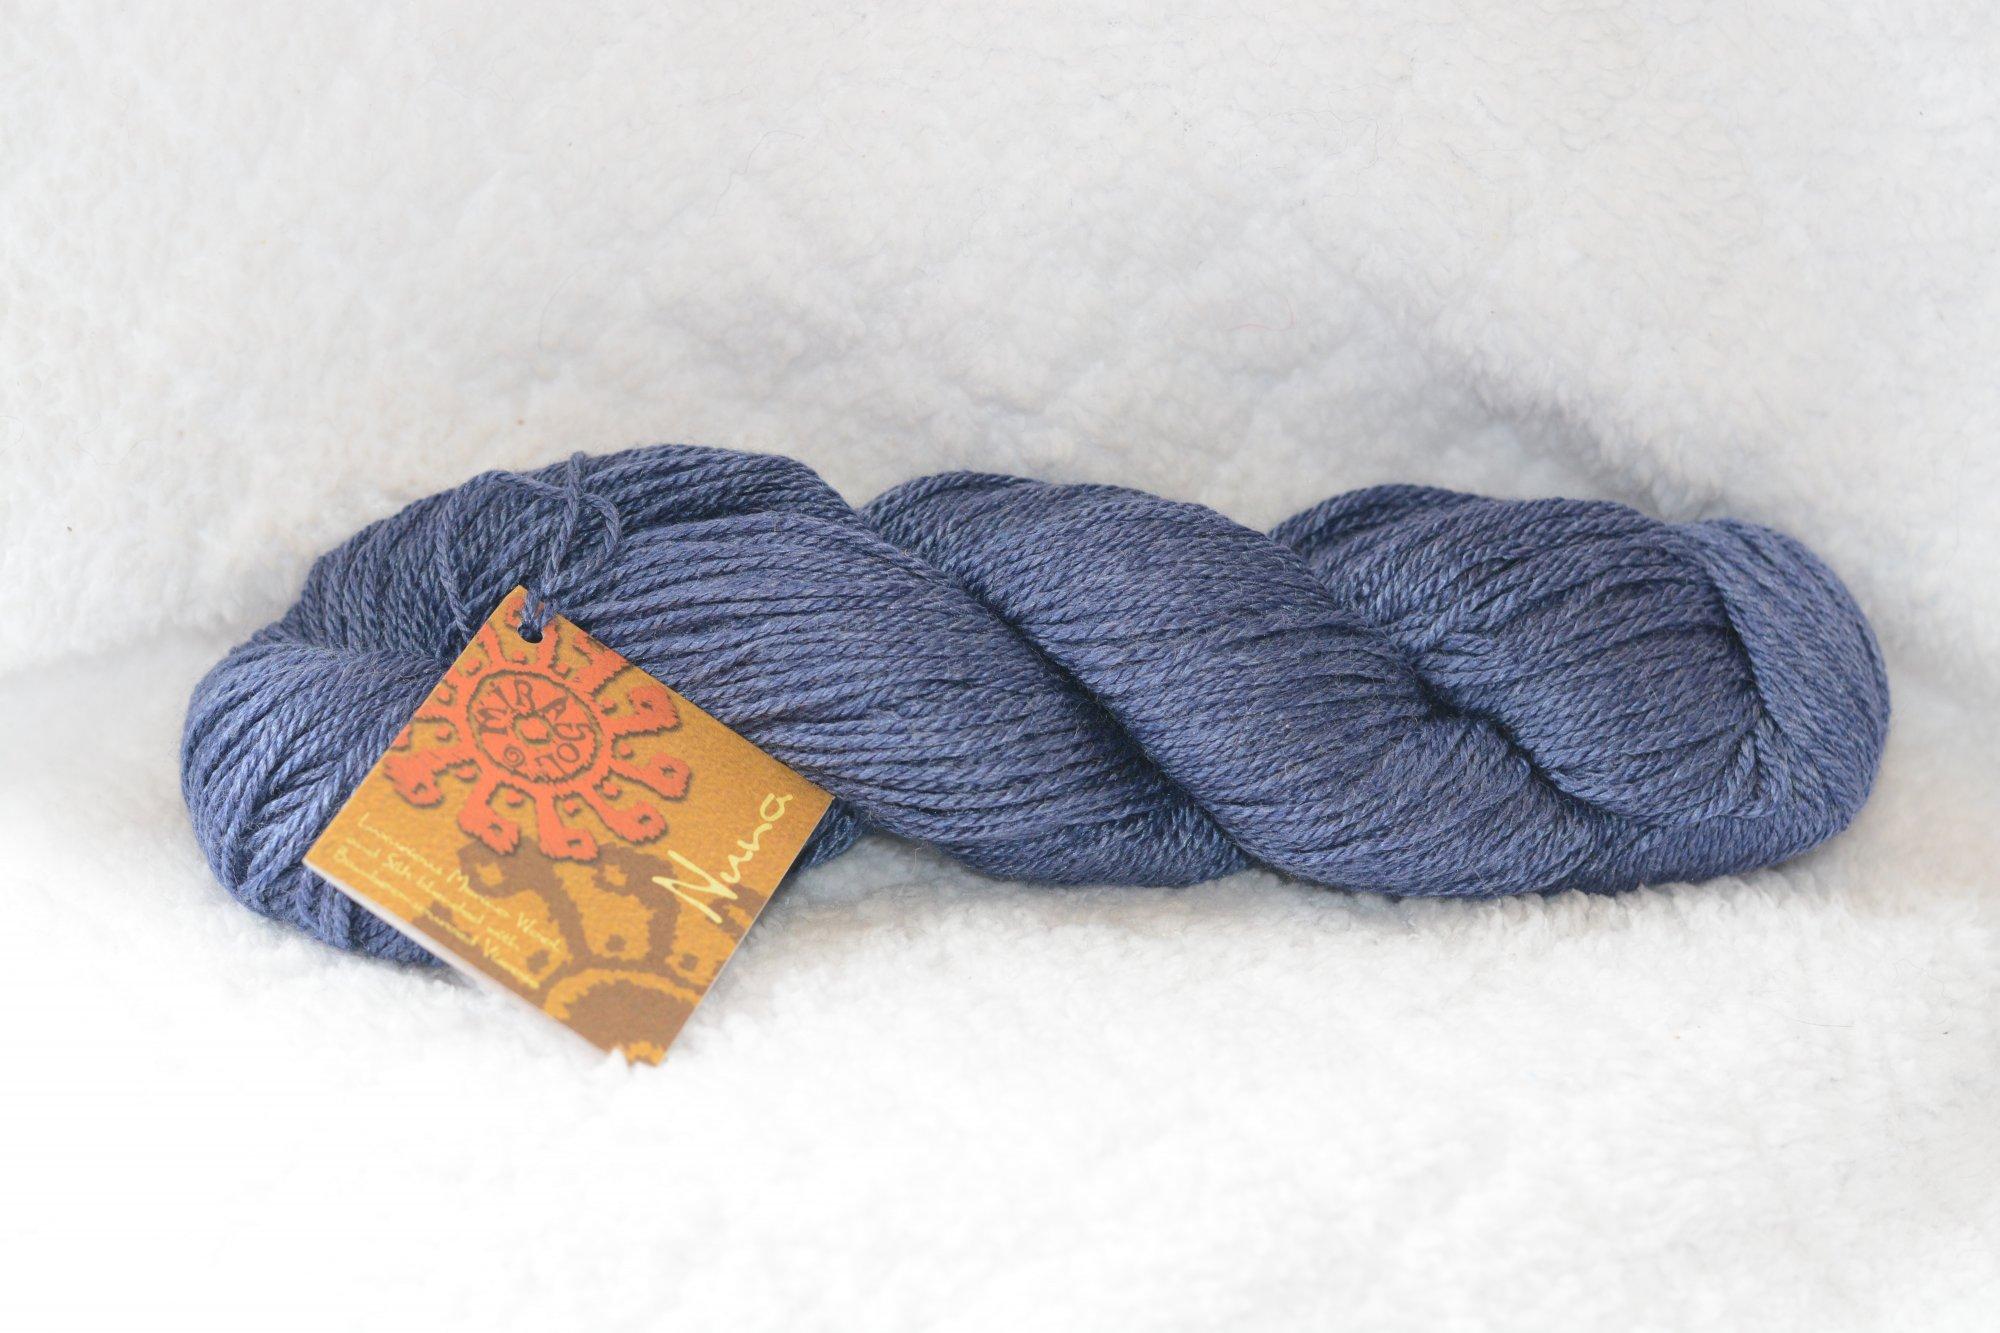 Nuna - Color 1018 - blue